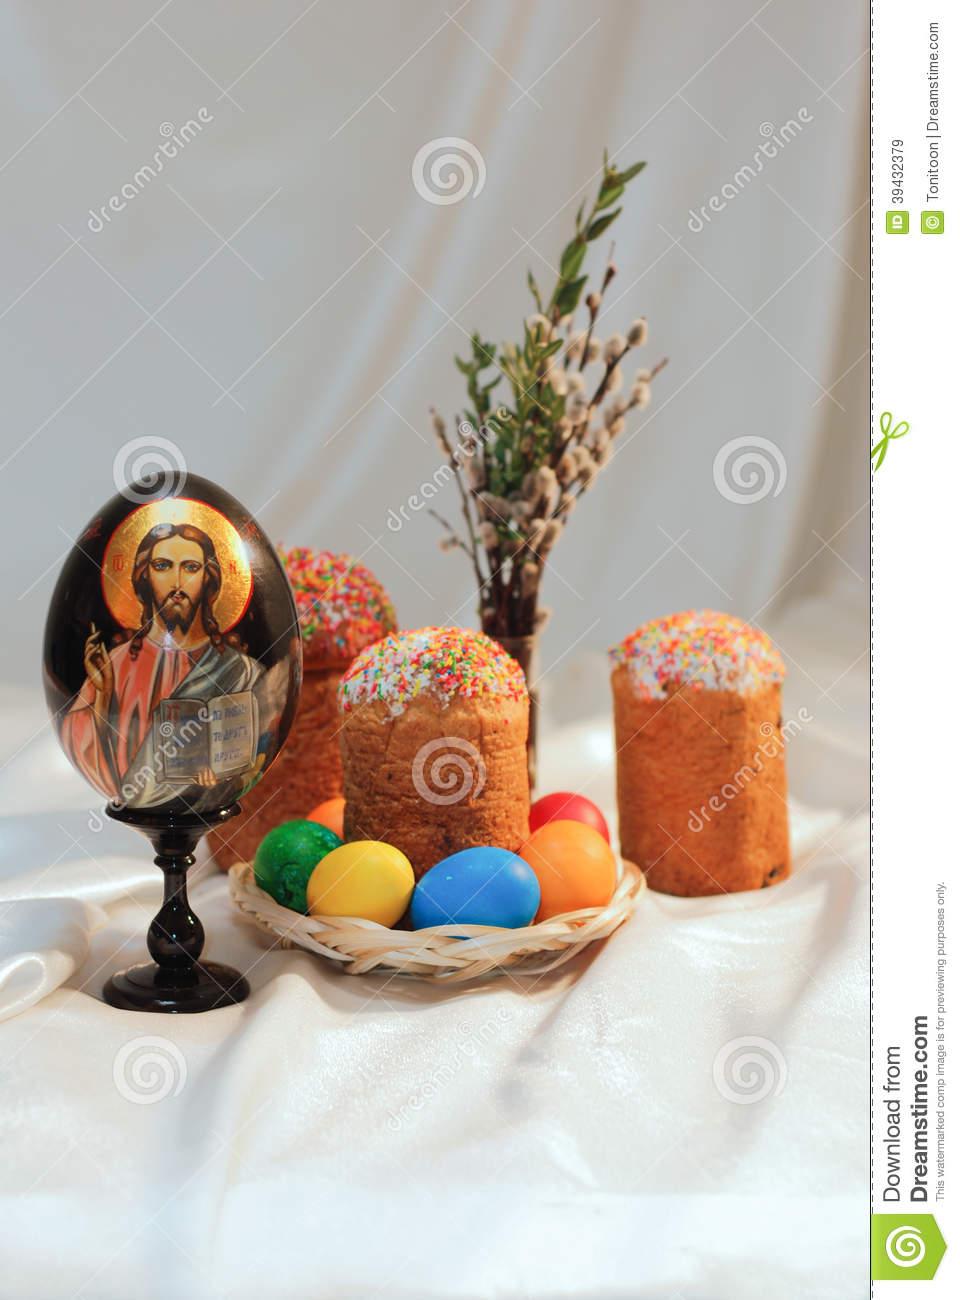 Jesus Christ Easter Egg